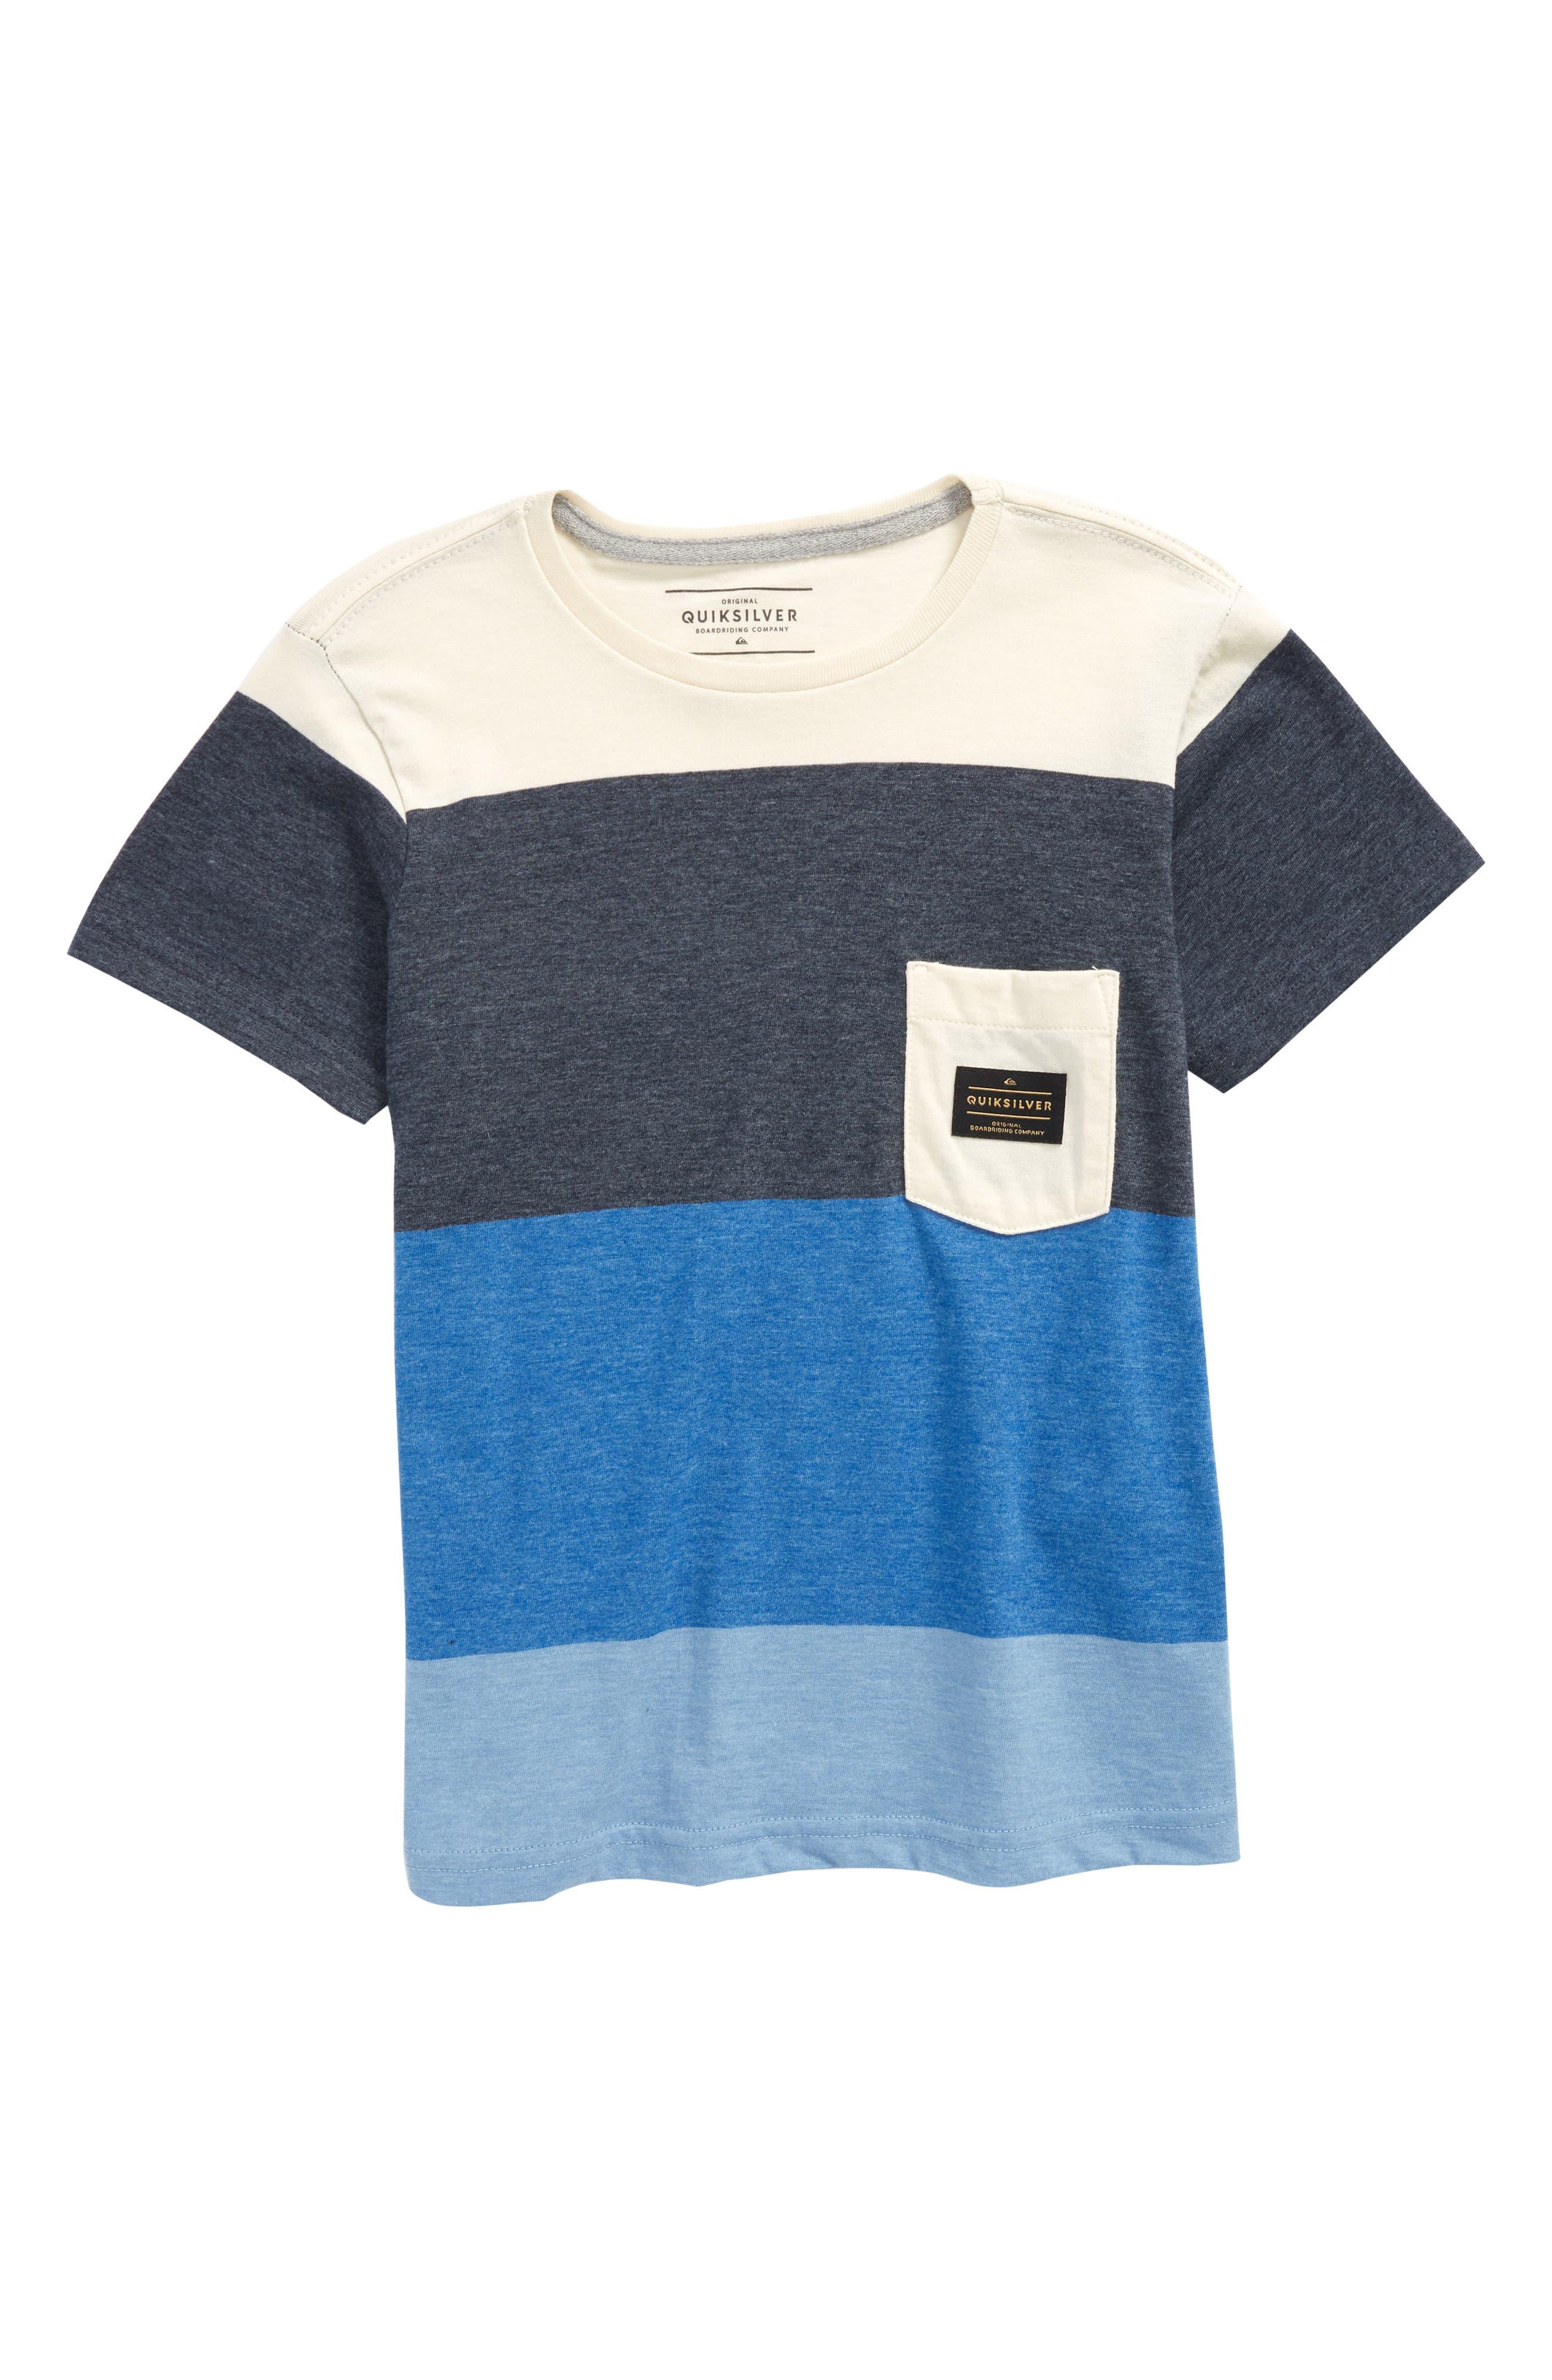 Aspenshore Pocket T-Shirt,                             Main thumbnail 1, color,                             417